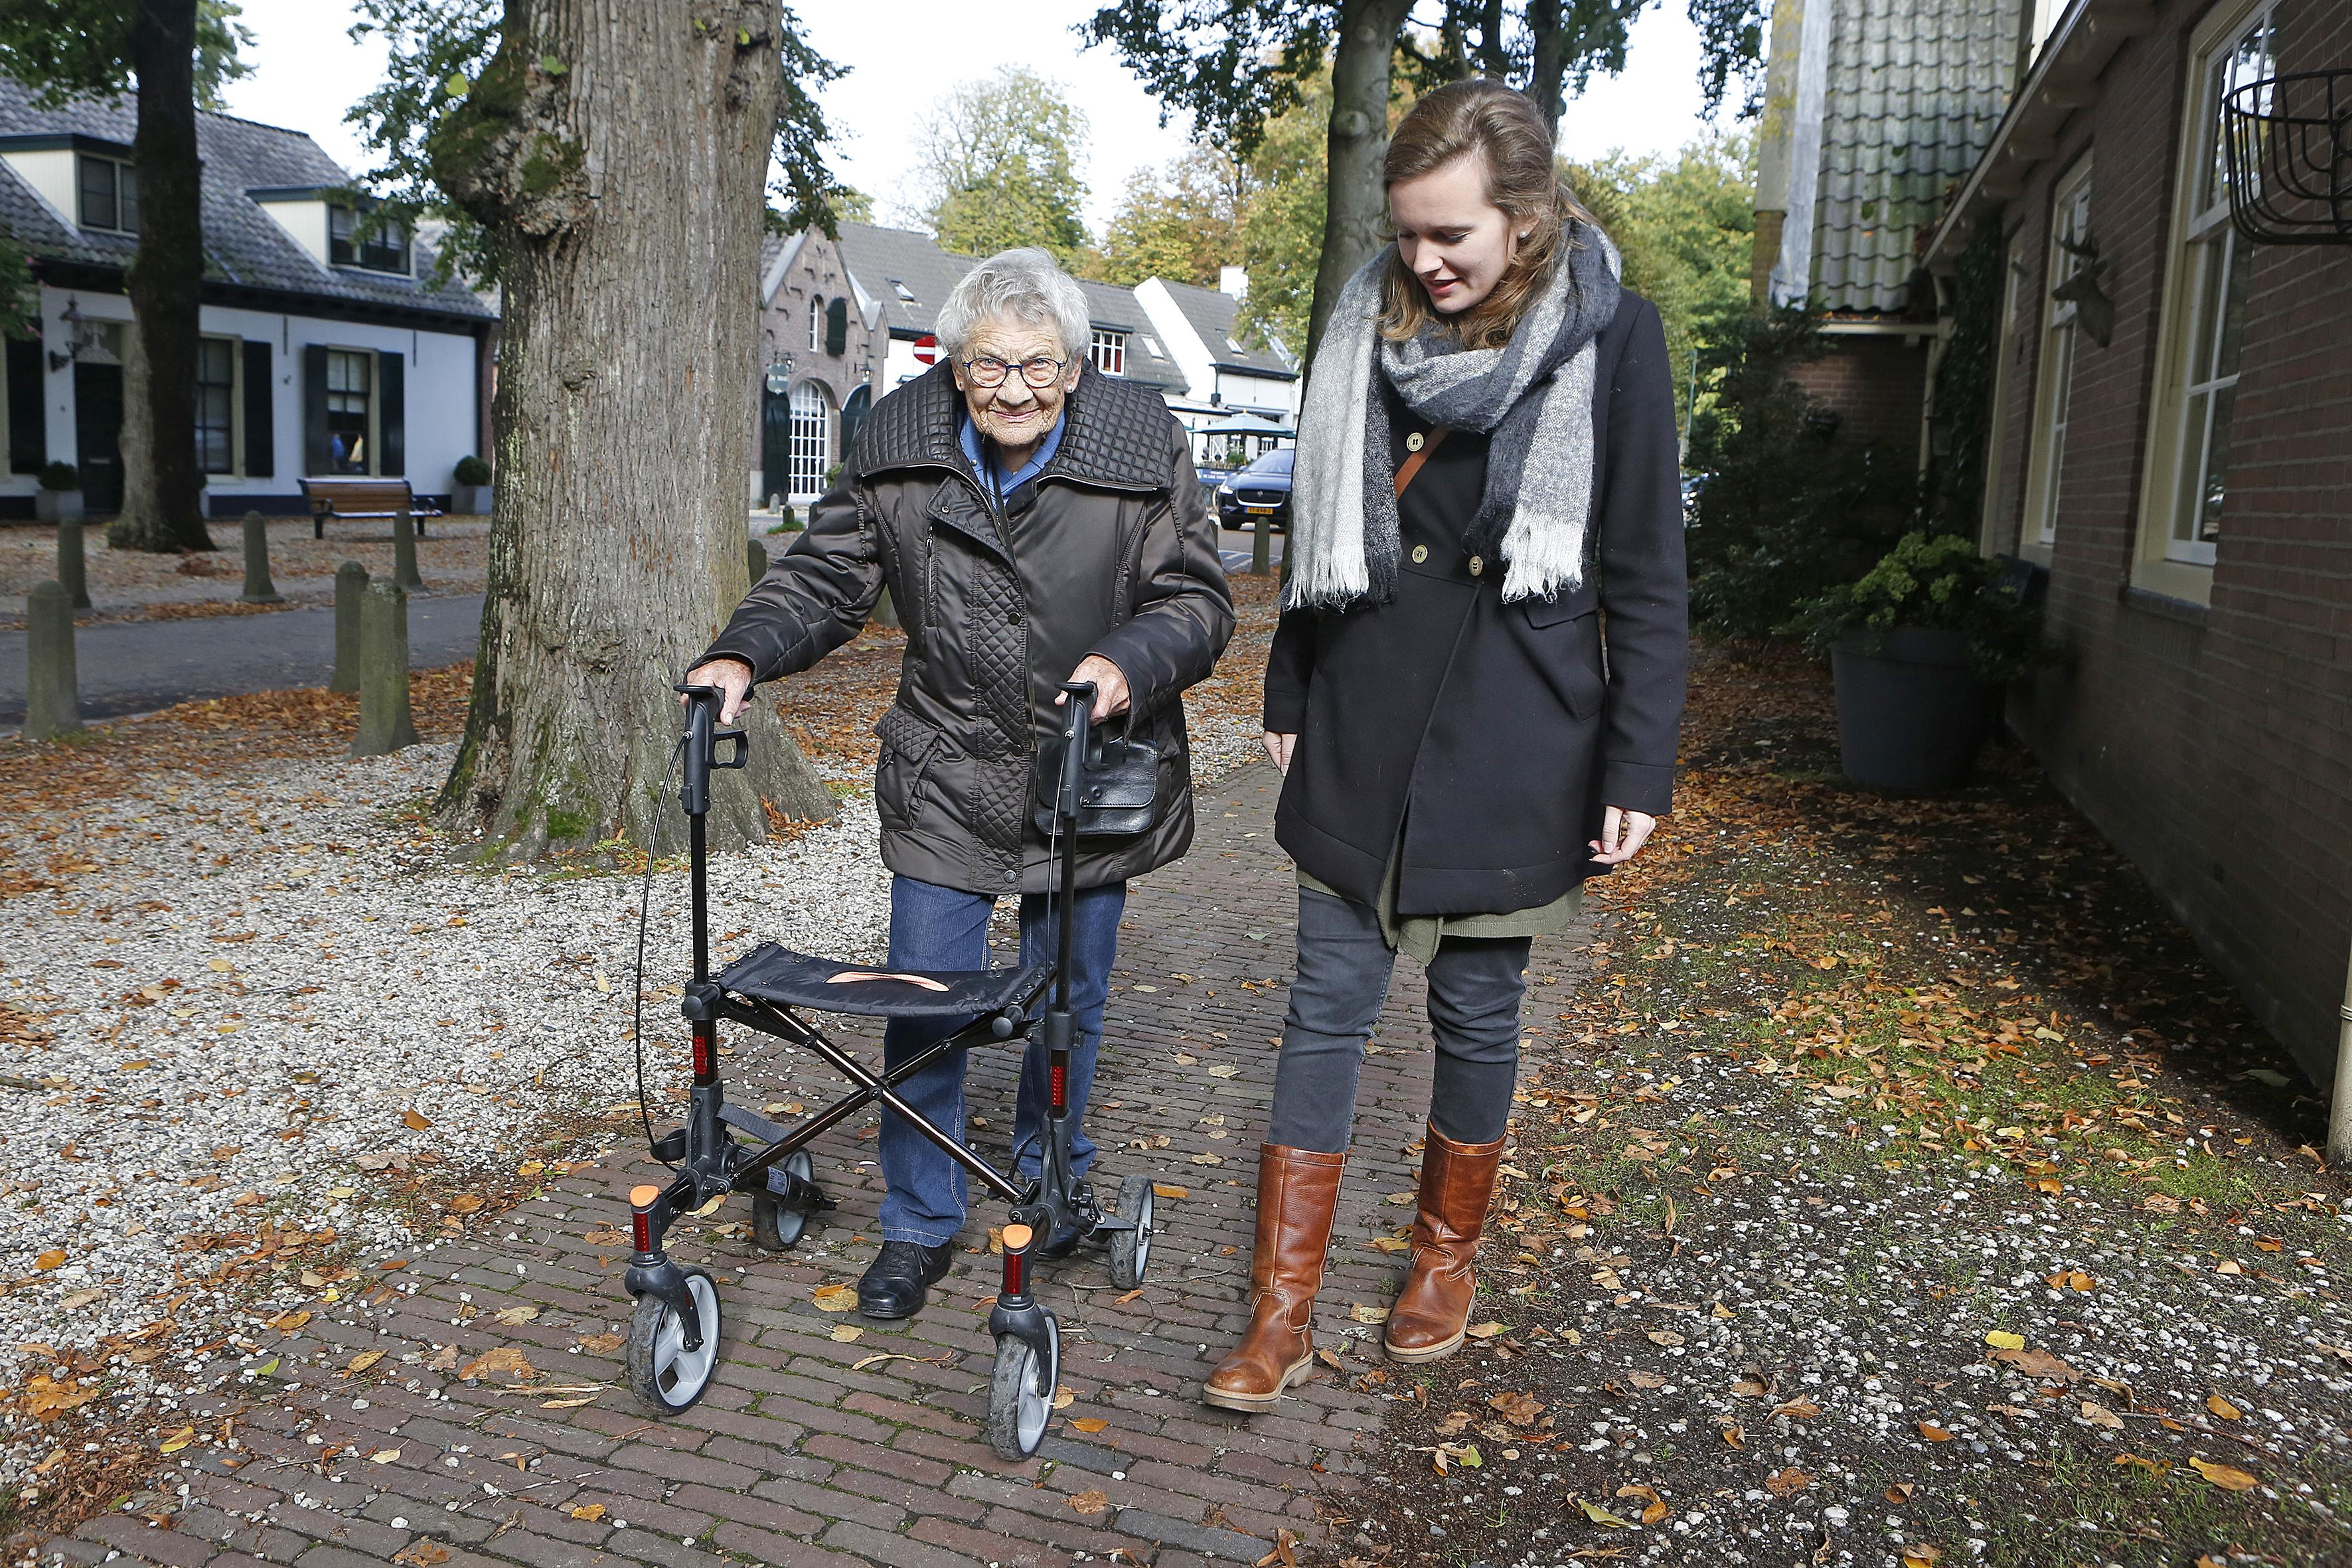 Dagje uit met Nationale Ouderendag in Lage Vuursche: 'Ik ben blij dat ik dit mag beleven'